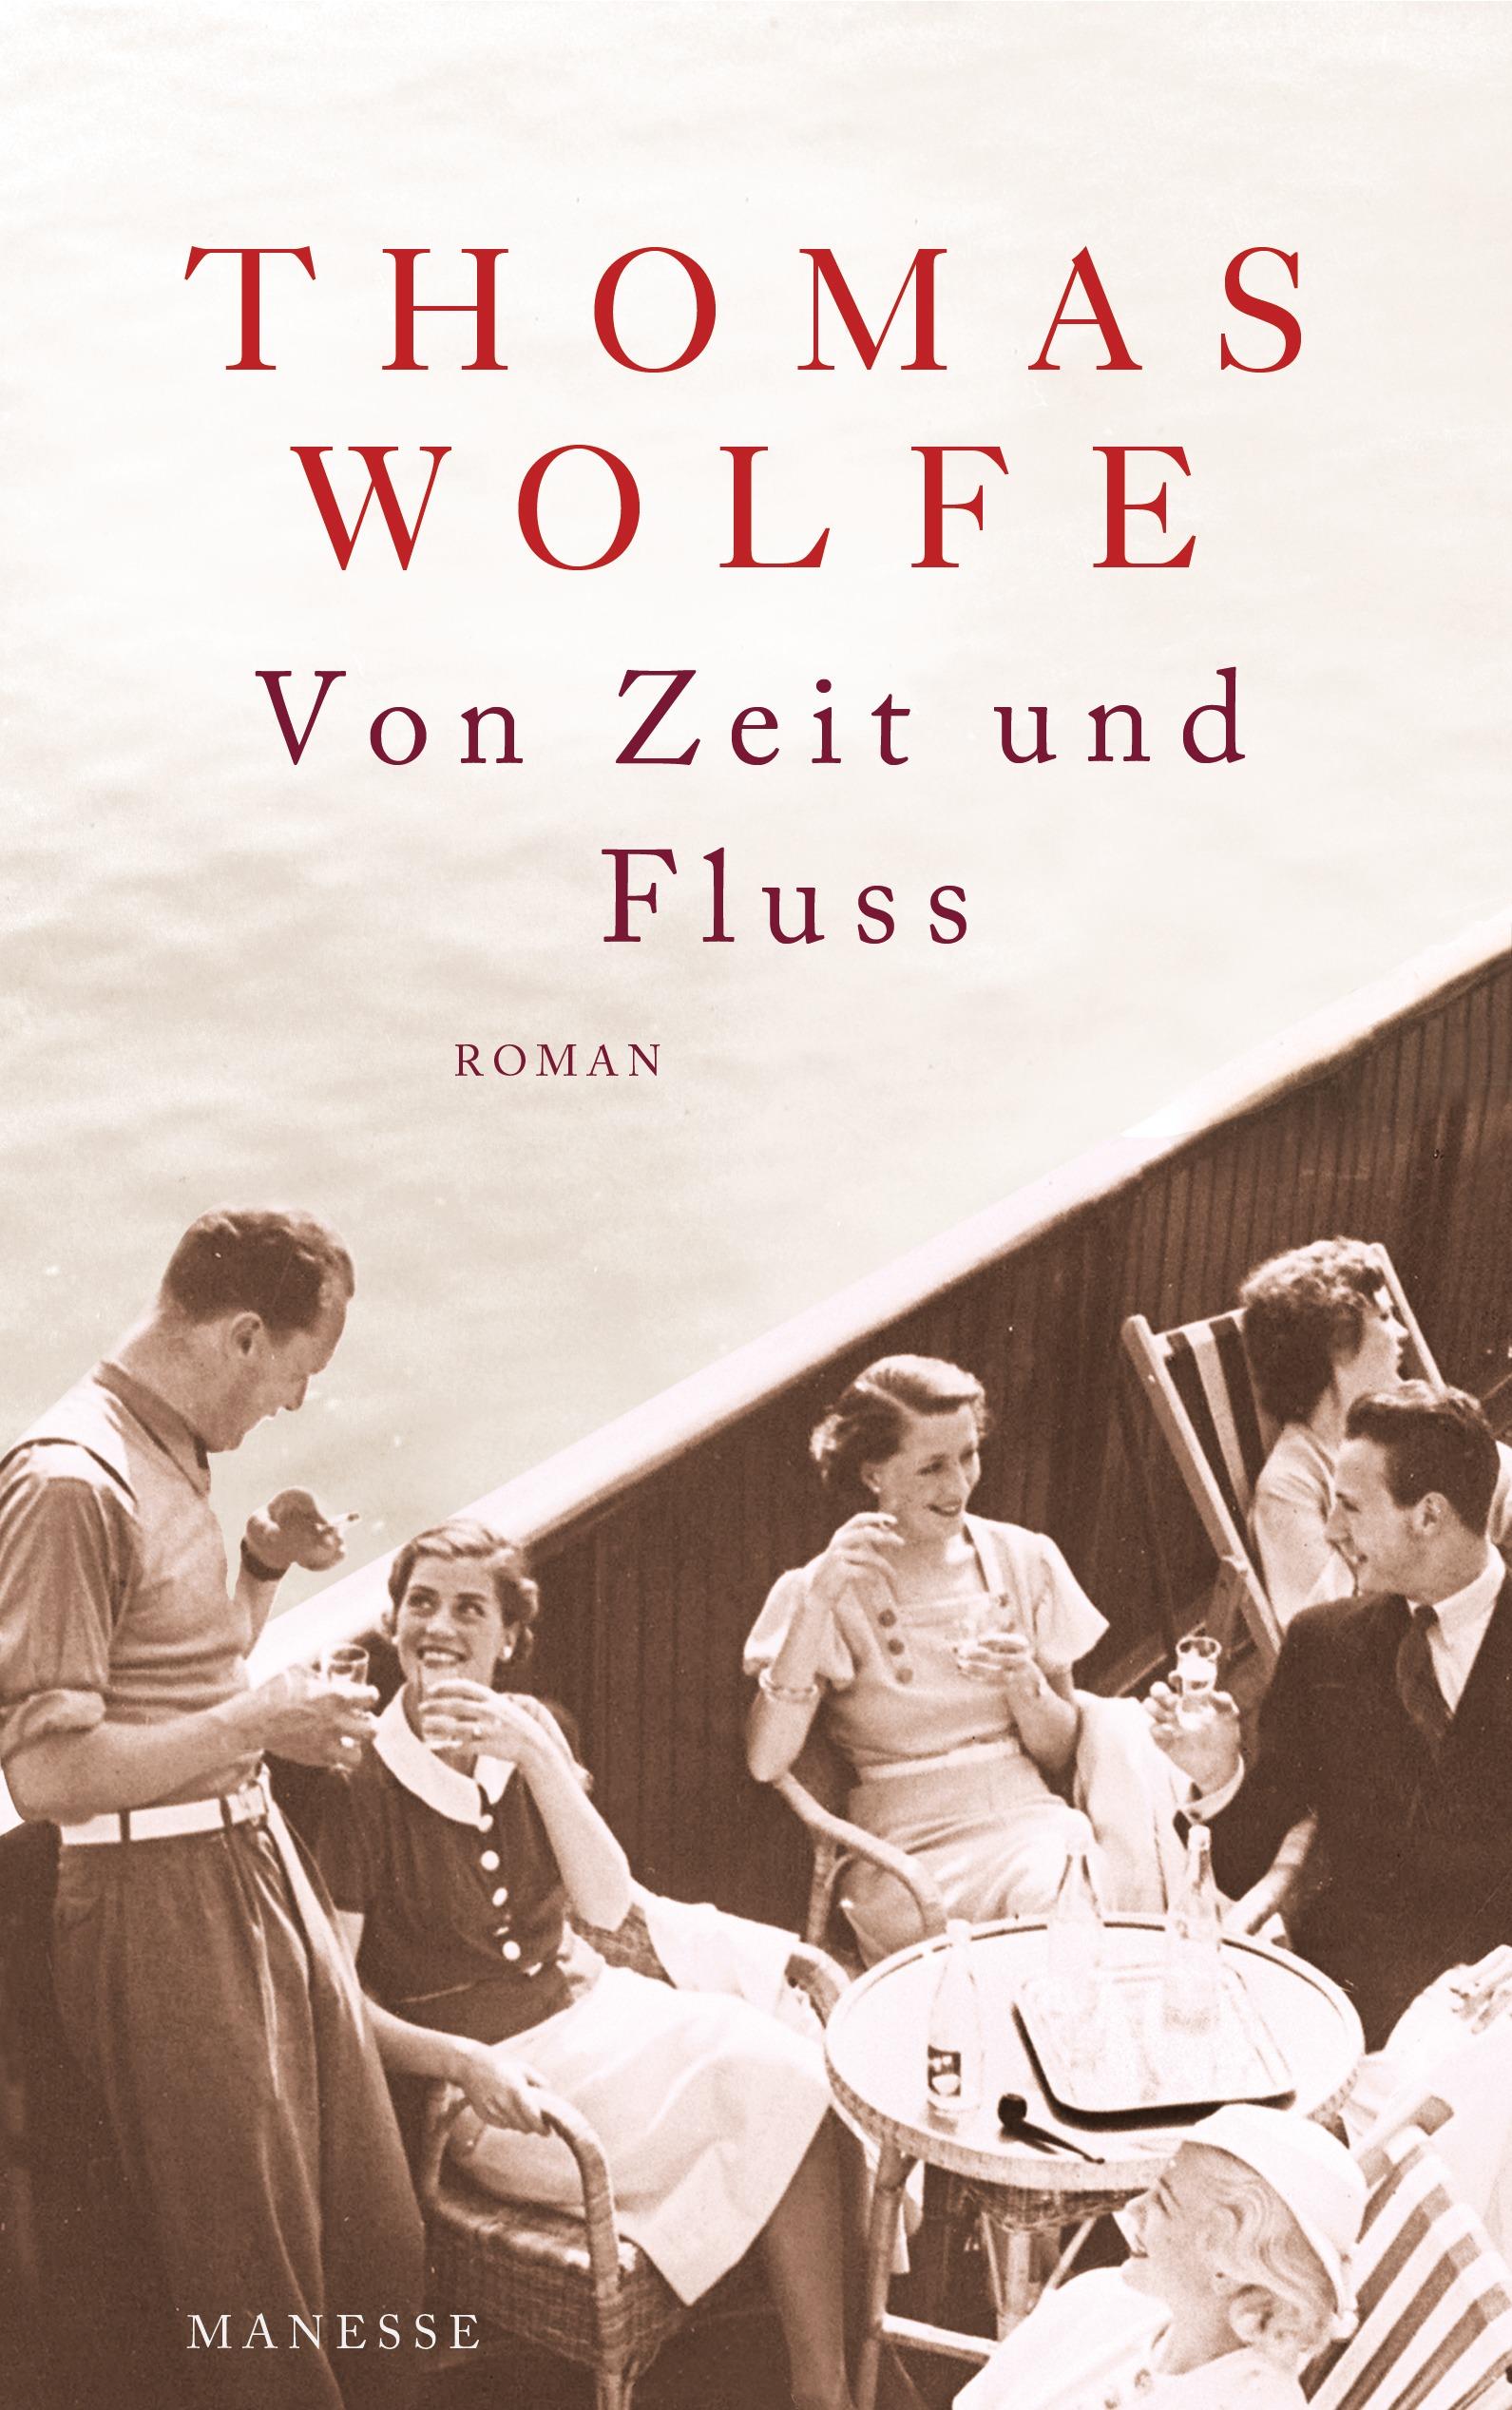 Von Zeit und Fluss - Thomas Wolfe [Gebundene Ausgabe]